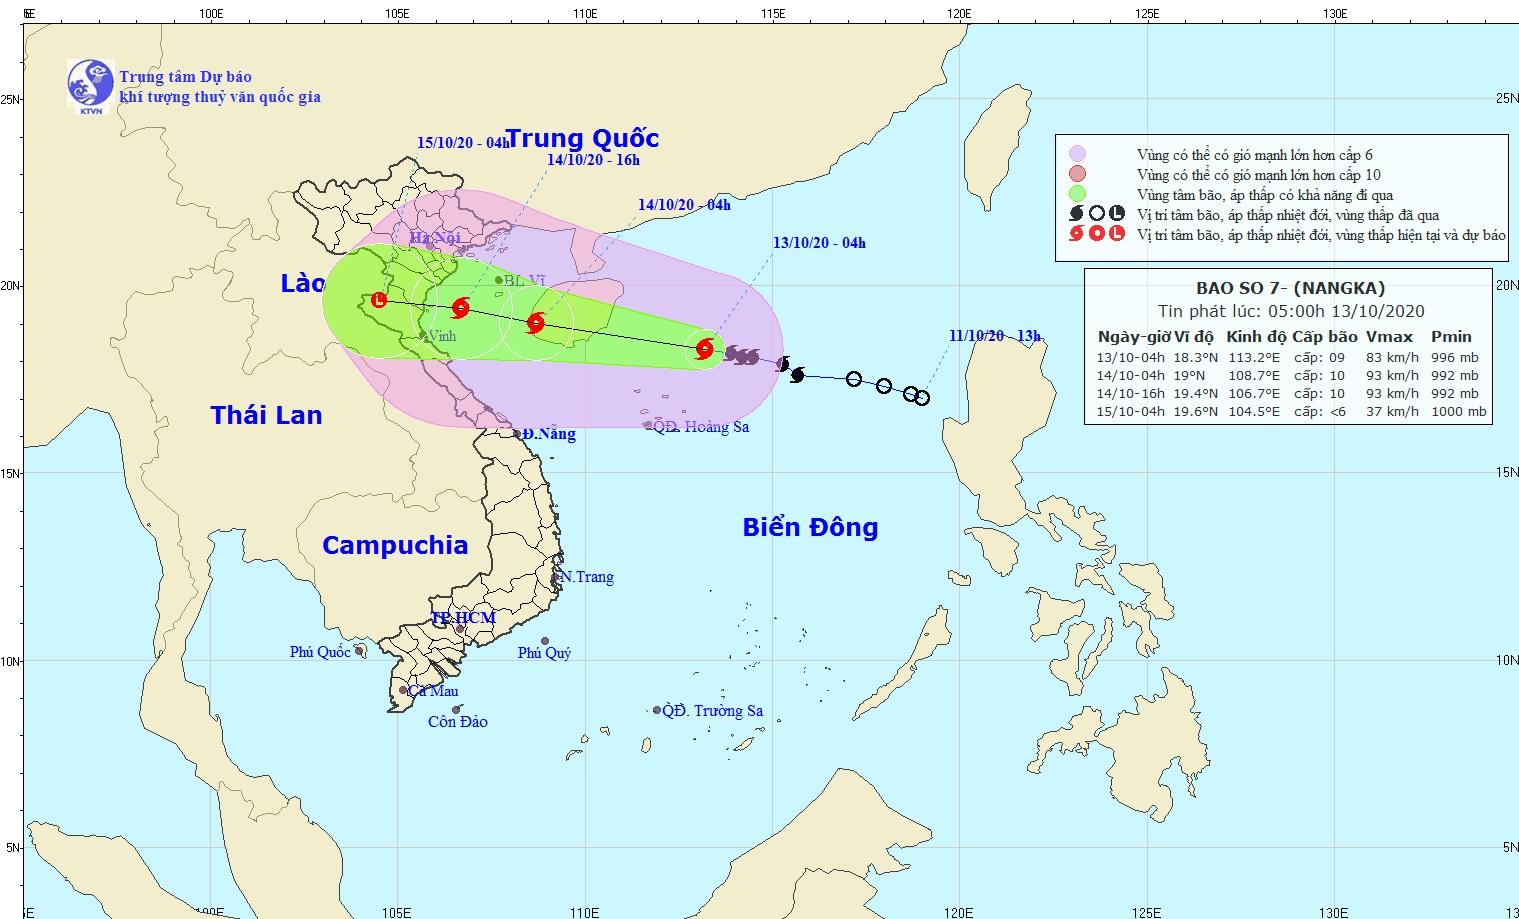 Bão số 7 giật cấp 11 đang hướng vào Nam Bắc Bộ và Bắc Trung Bộ